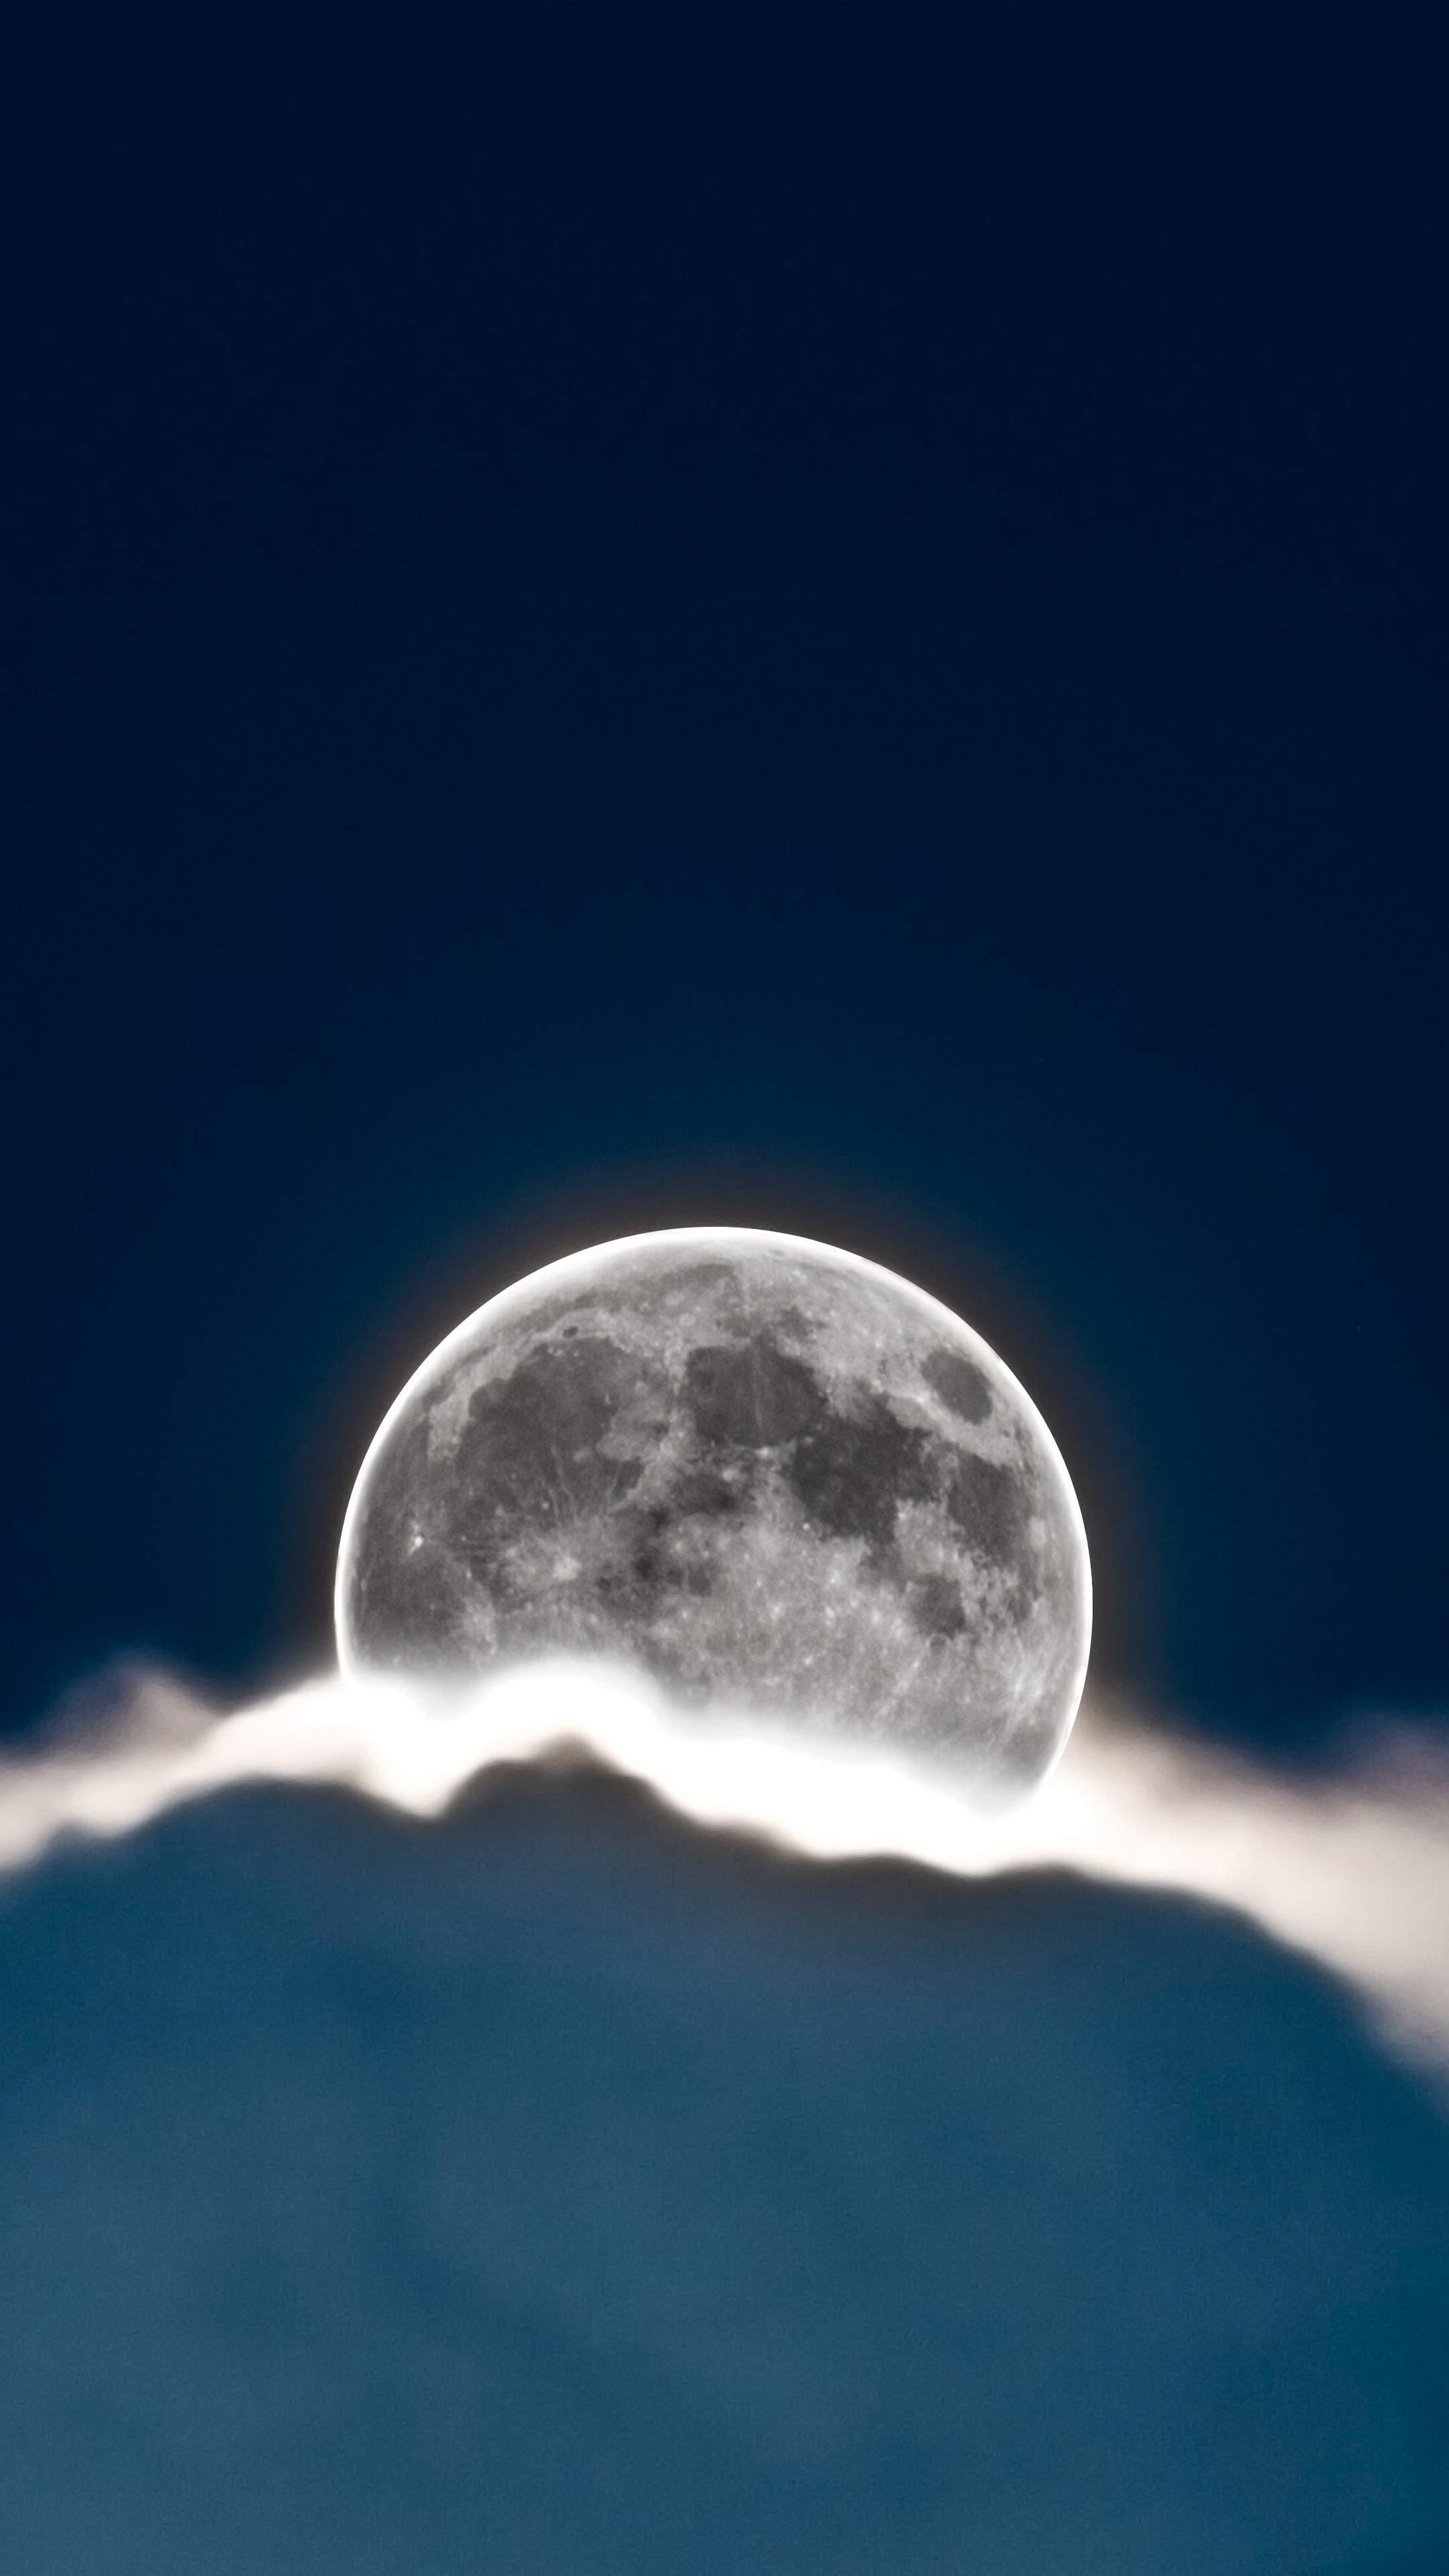 Glowing Full Moon Mobile Wallpaper Miniwallist